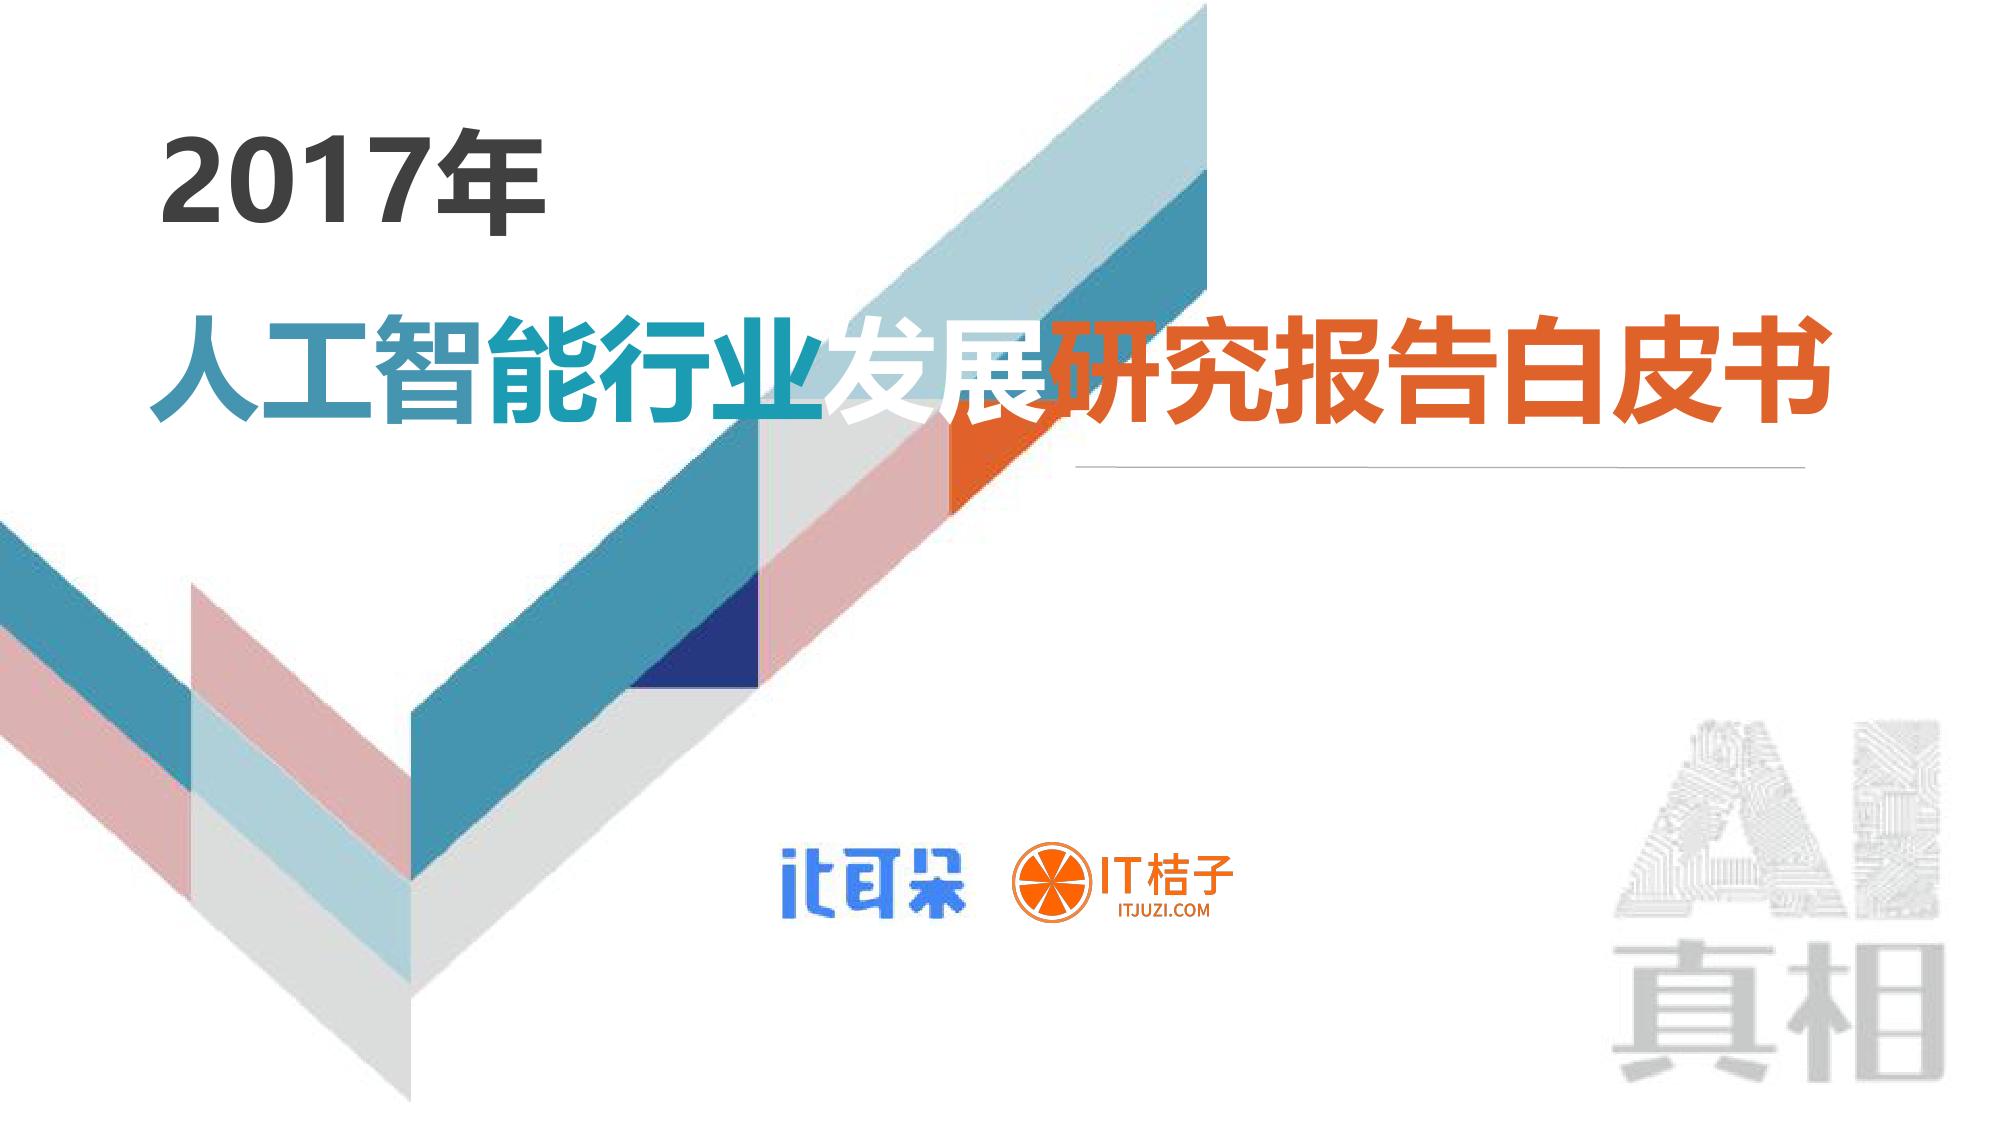 IT耳朵&IT桔子:2017年人工智能行业发展研究报告白皮书(附下载)